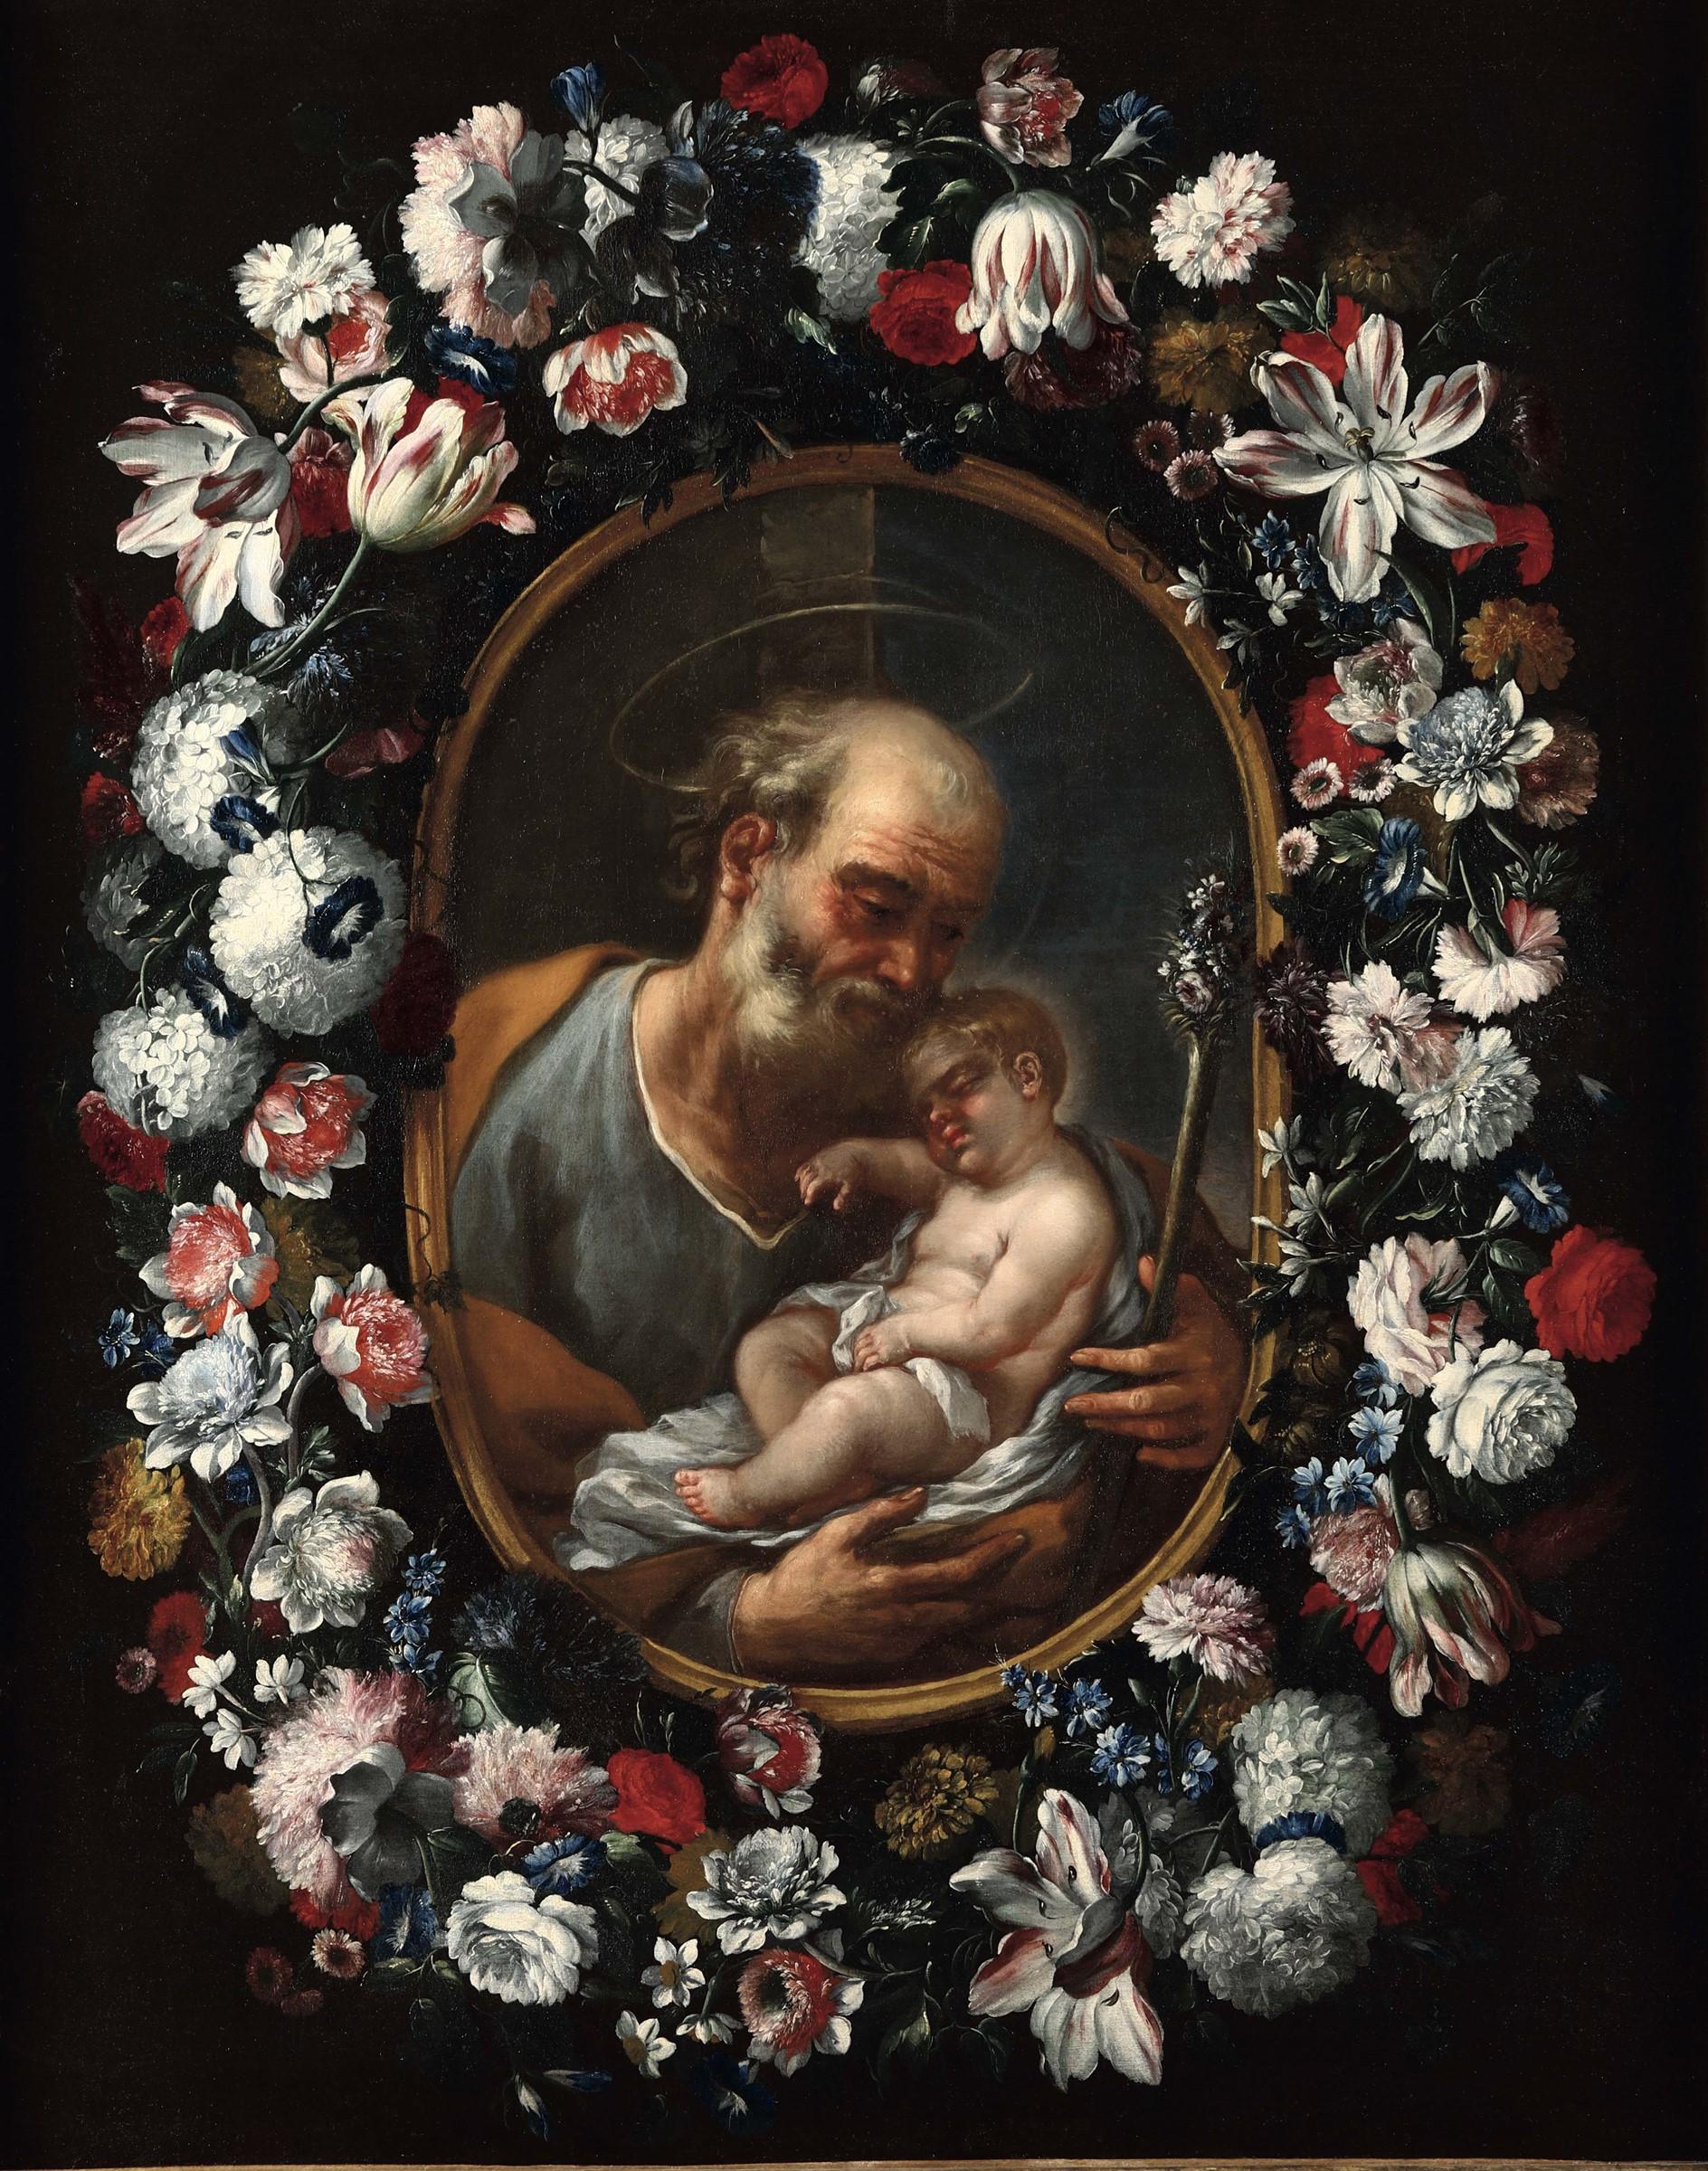 ABRAHAM BRUEGHEL und LUCA GIORDANO (1634-1705) - Der hl. Josef mit Kind in einem Blumenkranz, Öl/Lwd.